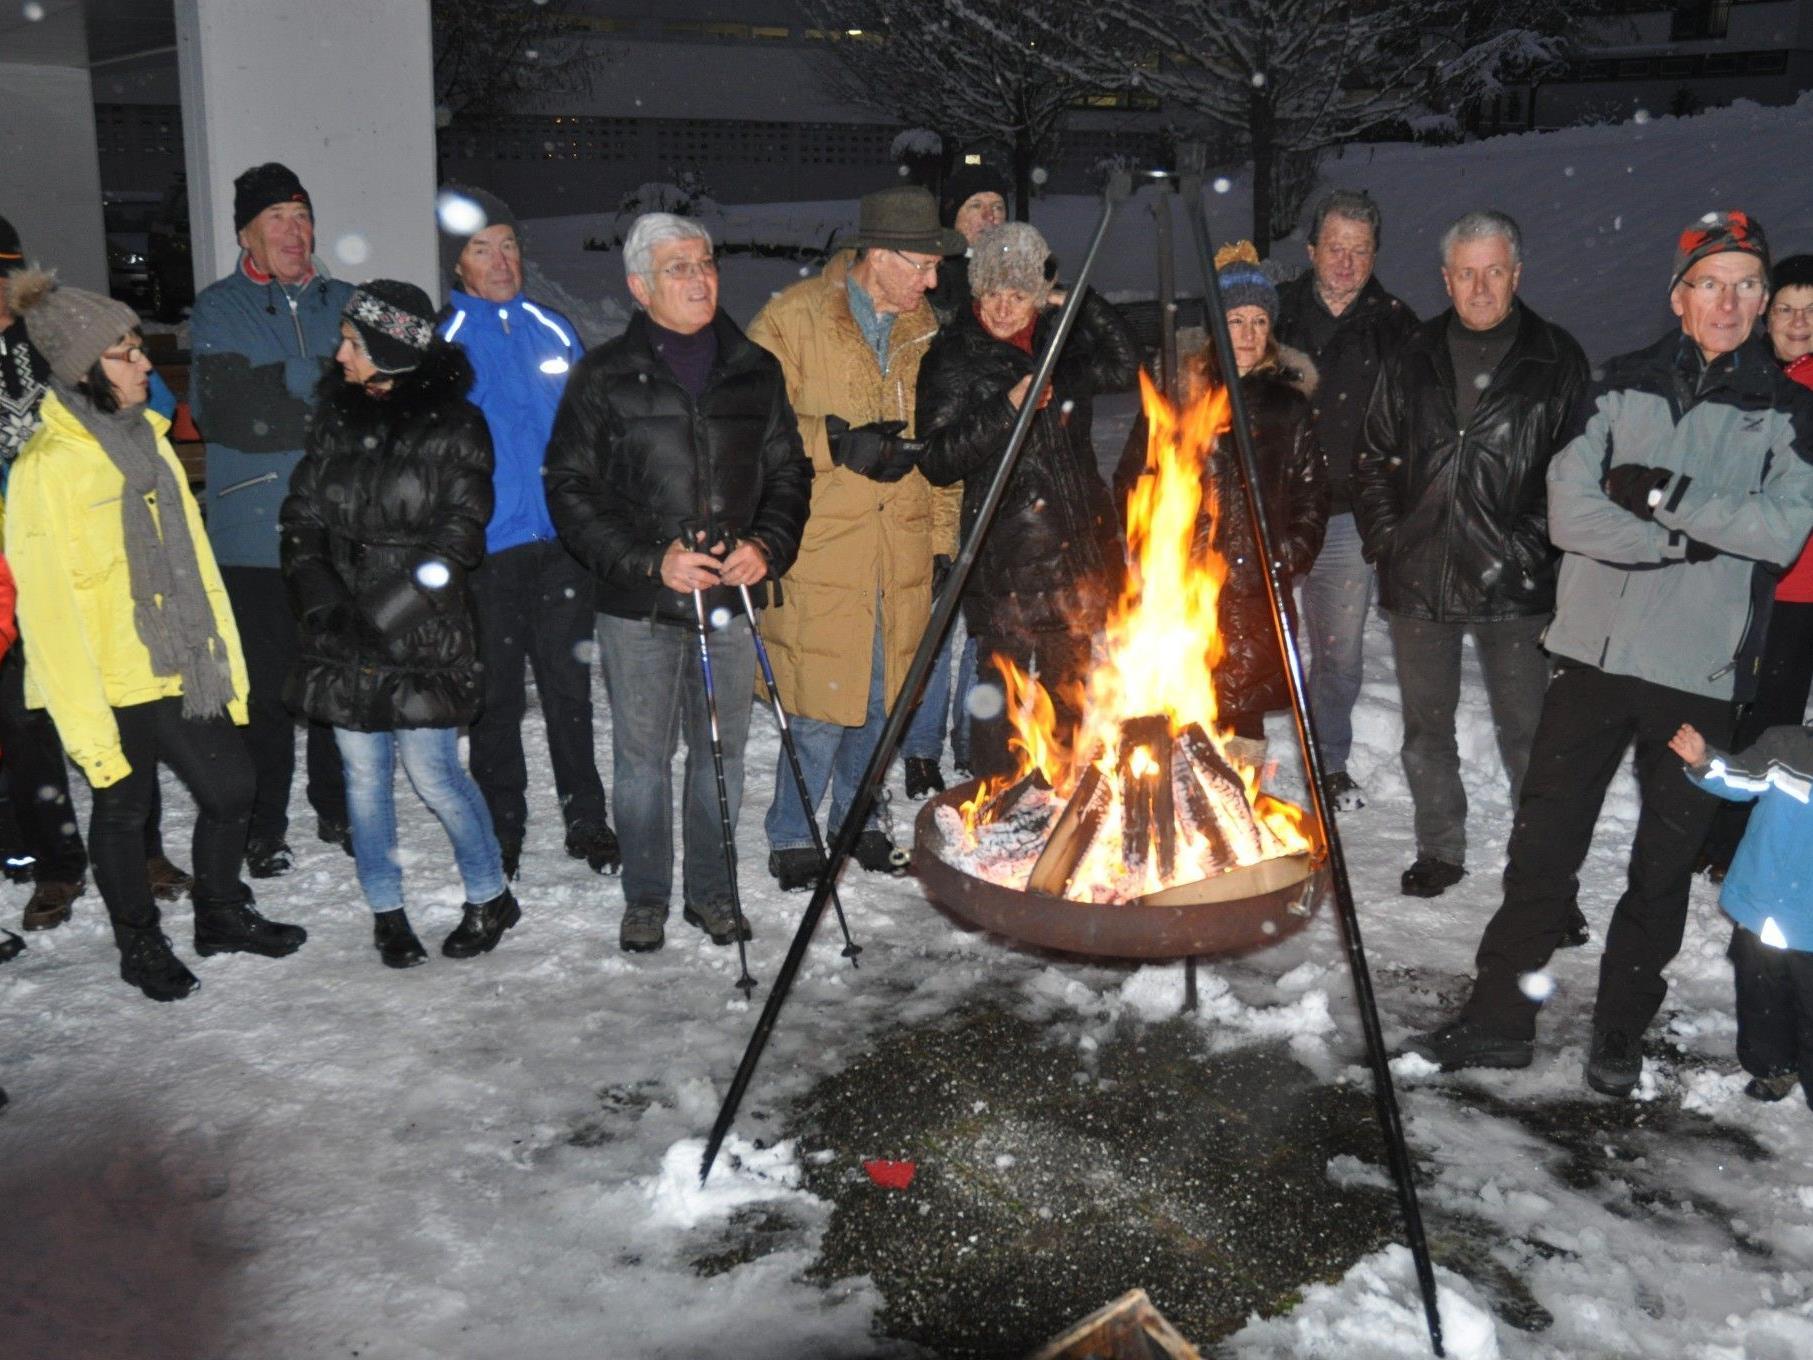 Beim offenen Feuer erwärmten die vielen Wanderer Körper und Geist.